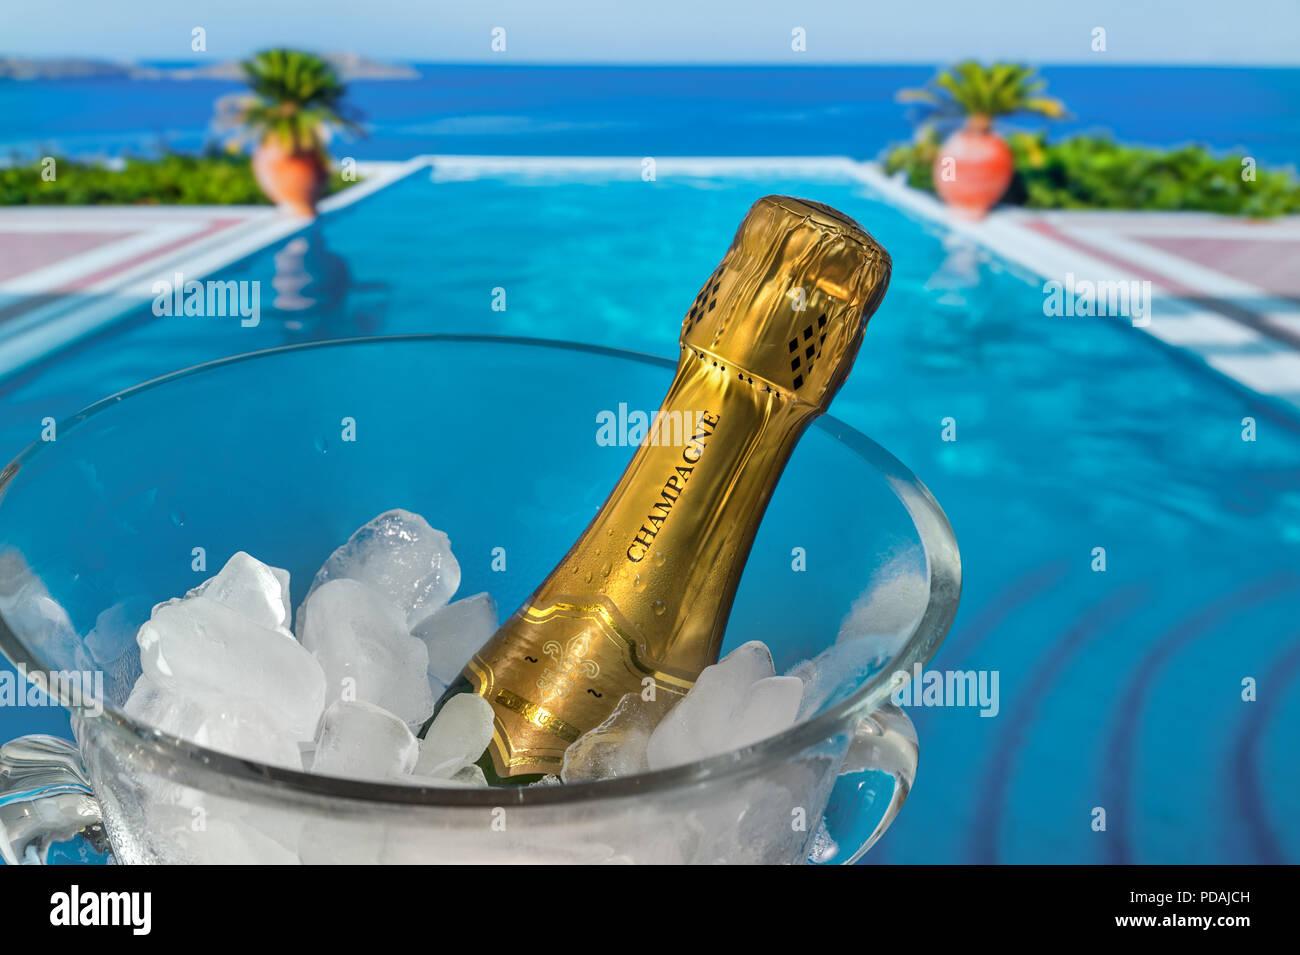 luxusurlaub flasche champagner auf eis k hlen in kristall glas wein k hler auf terrasse mit. Black Bedroom Furniture Sets. Home Design Ideas